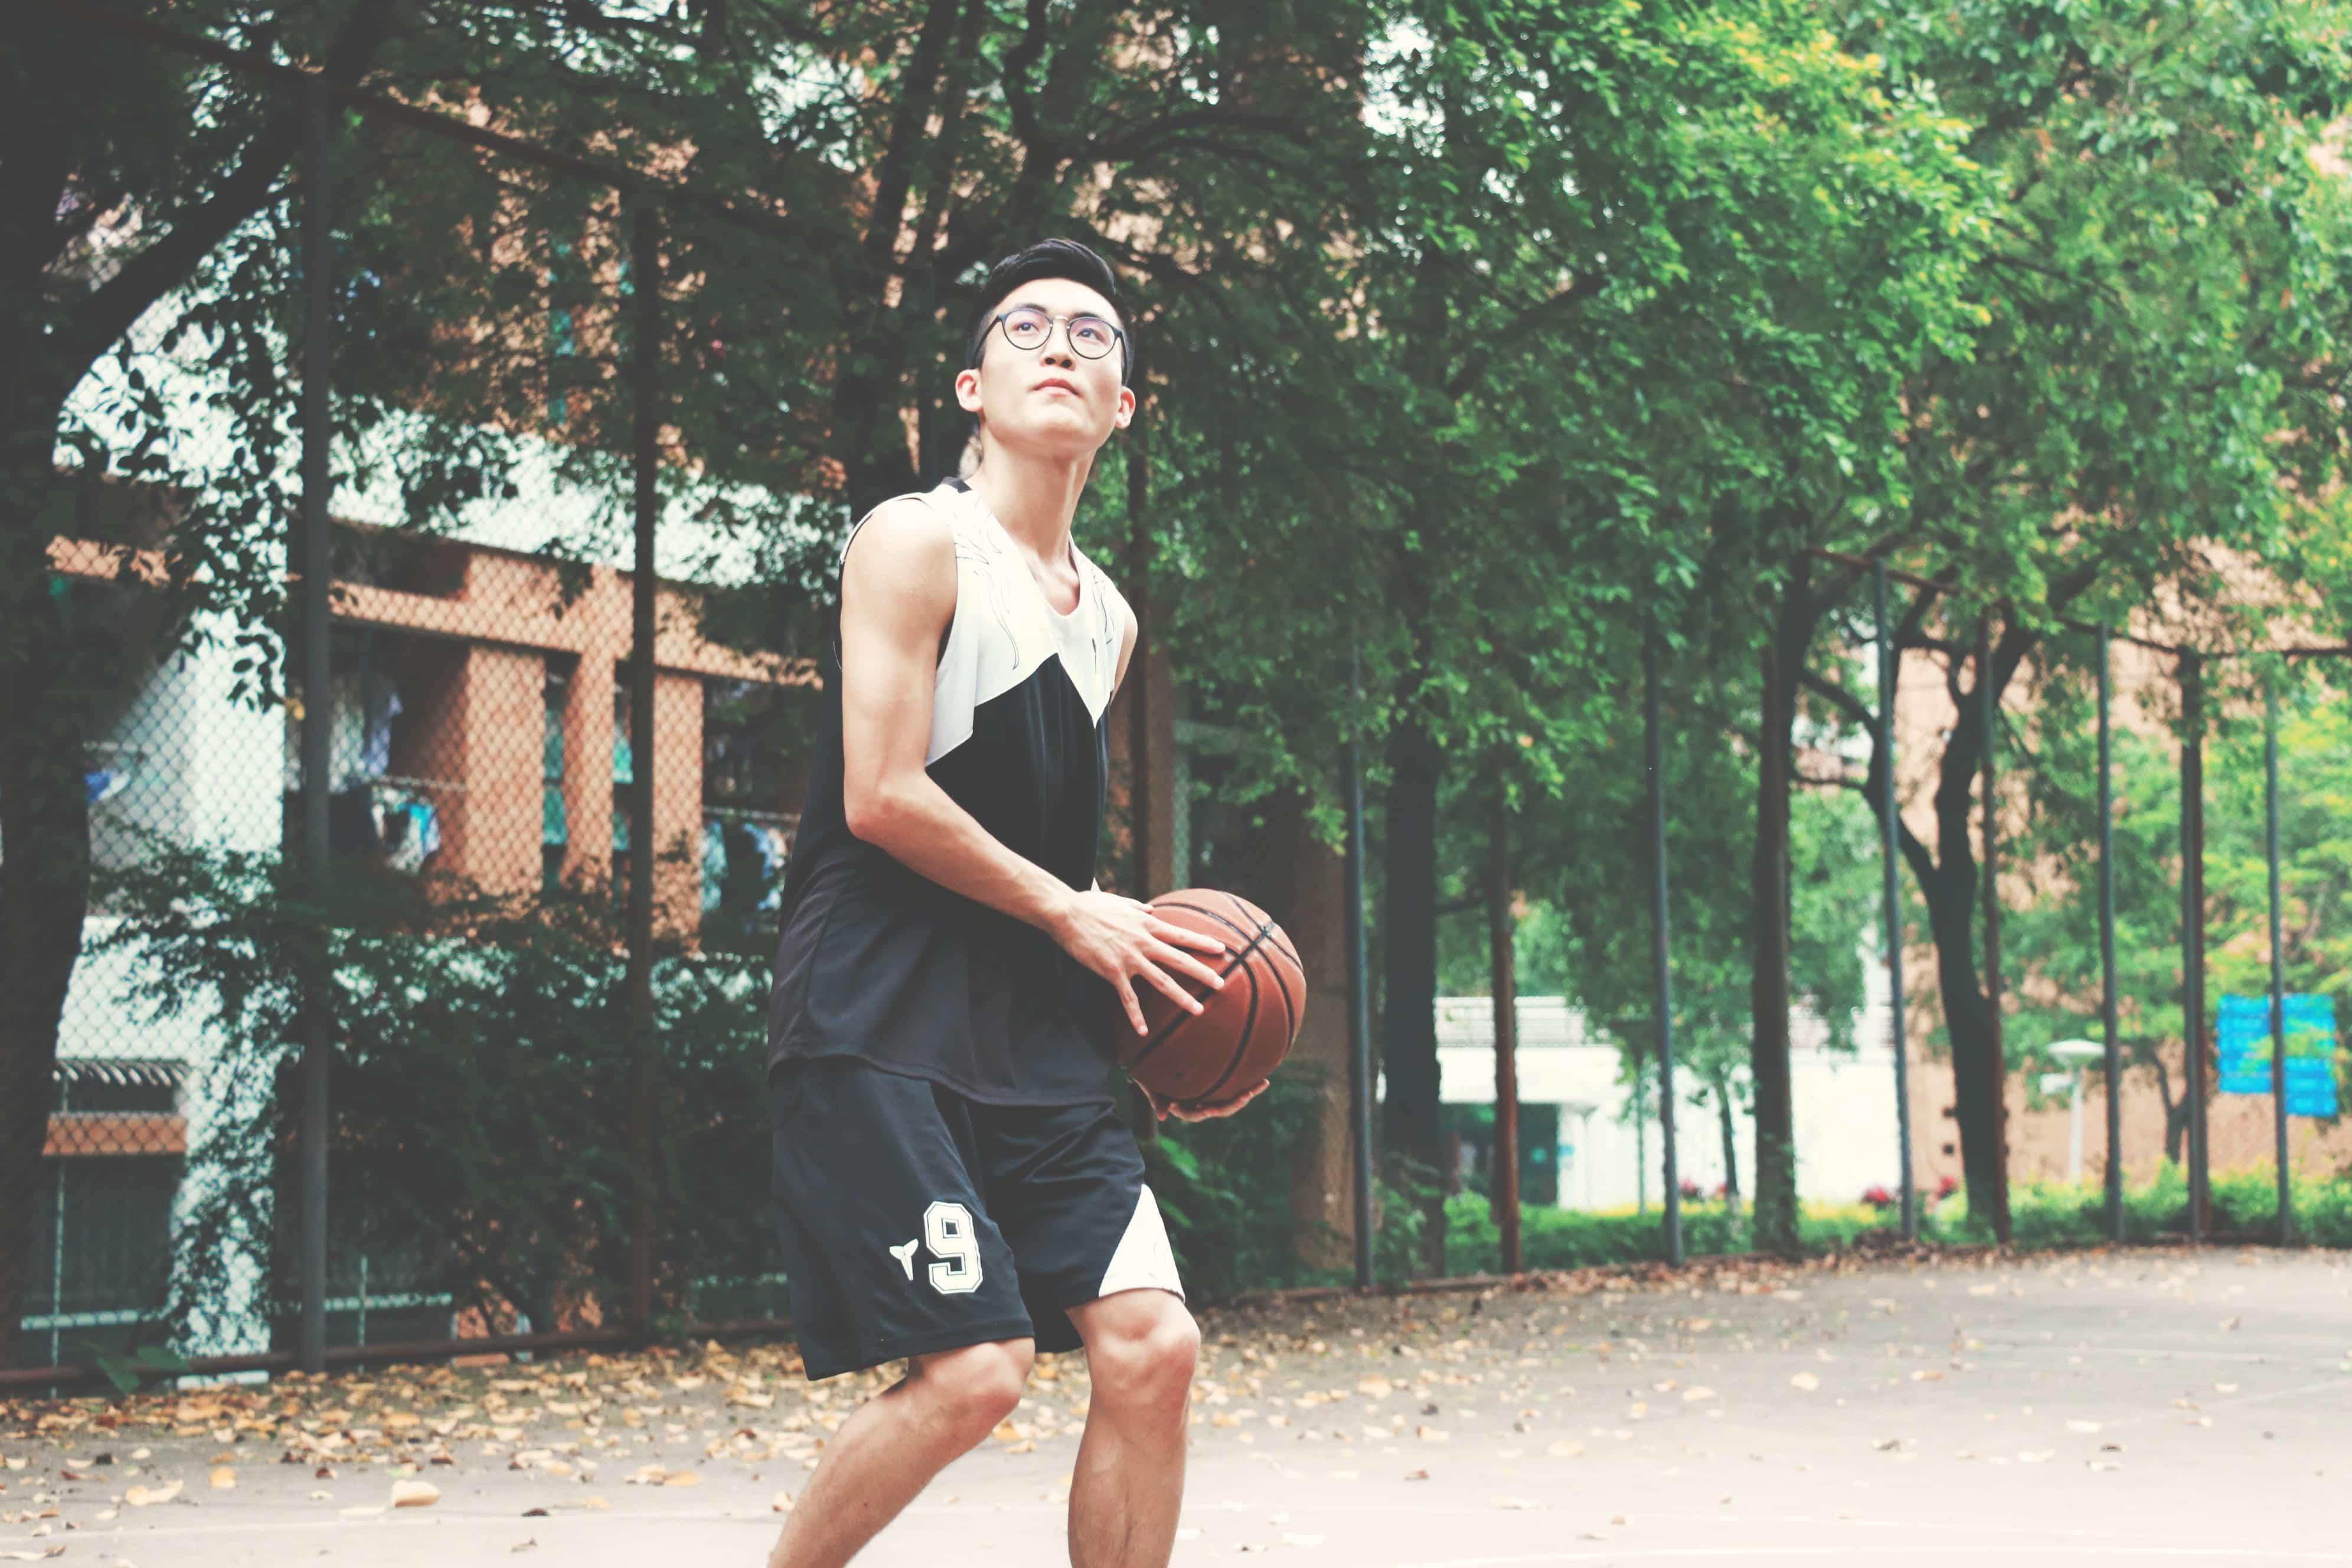 séjour linguistique sportif sport basketball